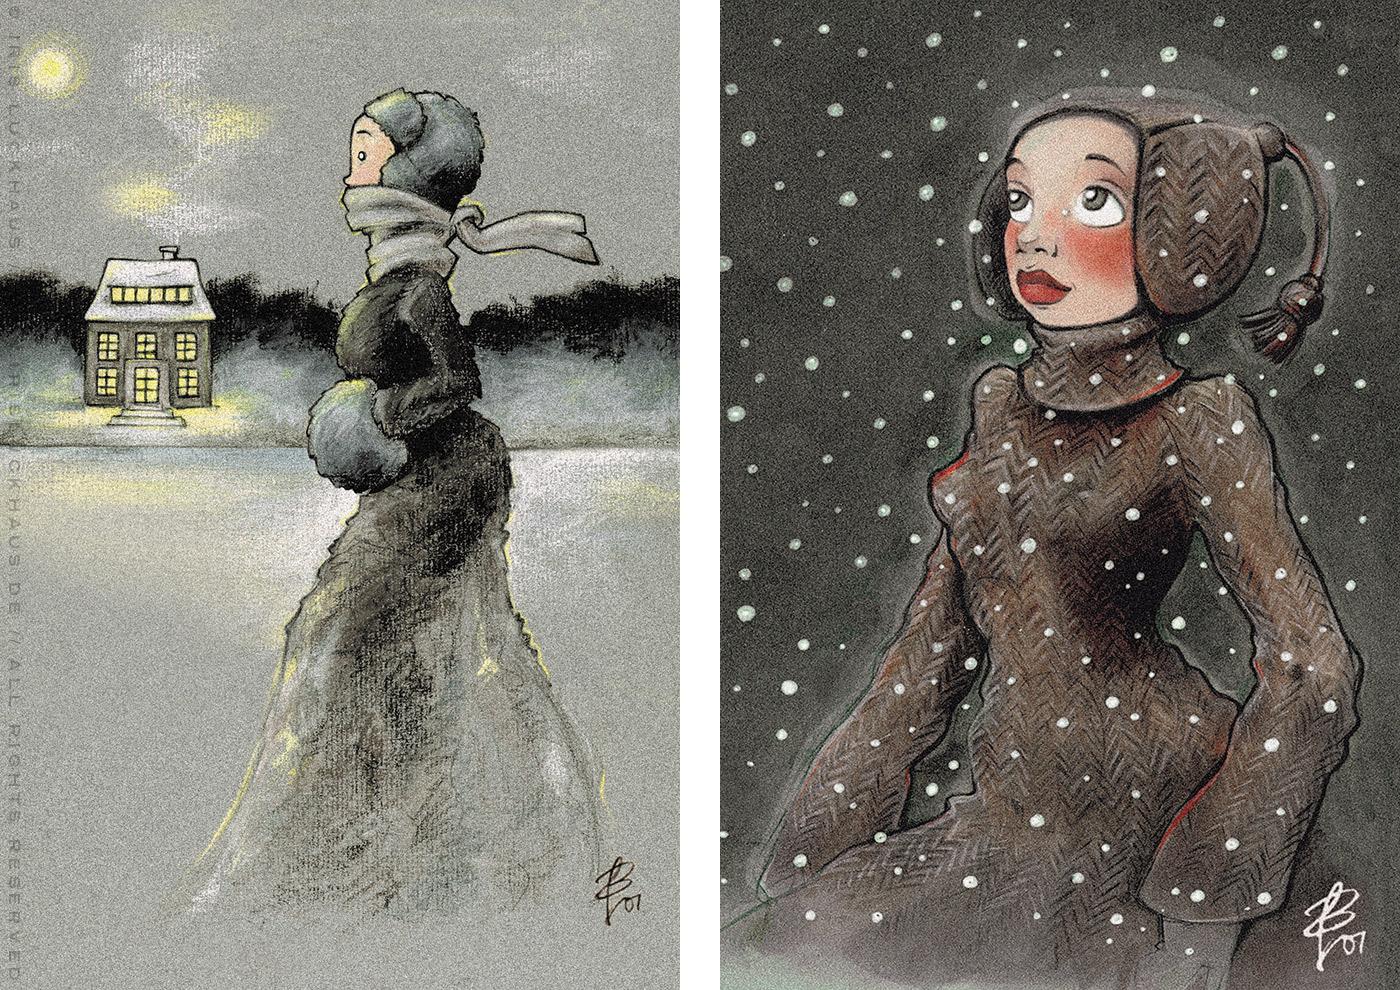 Serie Winterwunder mit Zeichnungen von einem Mädchen beim Eislaufen mit Schlittschuhen auf einem winterlichen See in Ölkreide (Eisläuferin) und von einem Mädchen, das voller Staunen das Wunder des ersten Schnees im Winter betrachtet (Neuschnee), in Markertechnik, von Iris Luckhaus